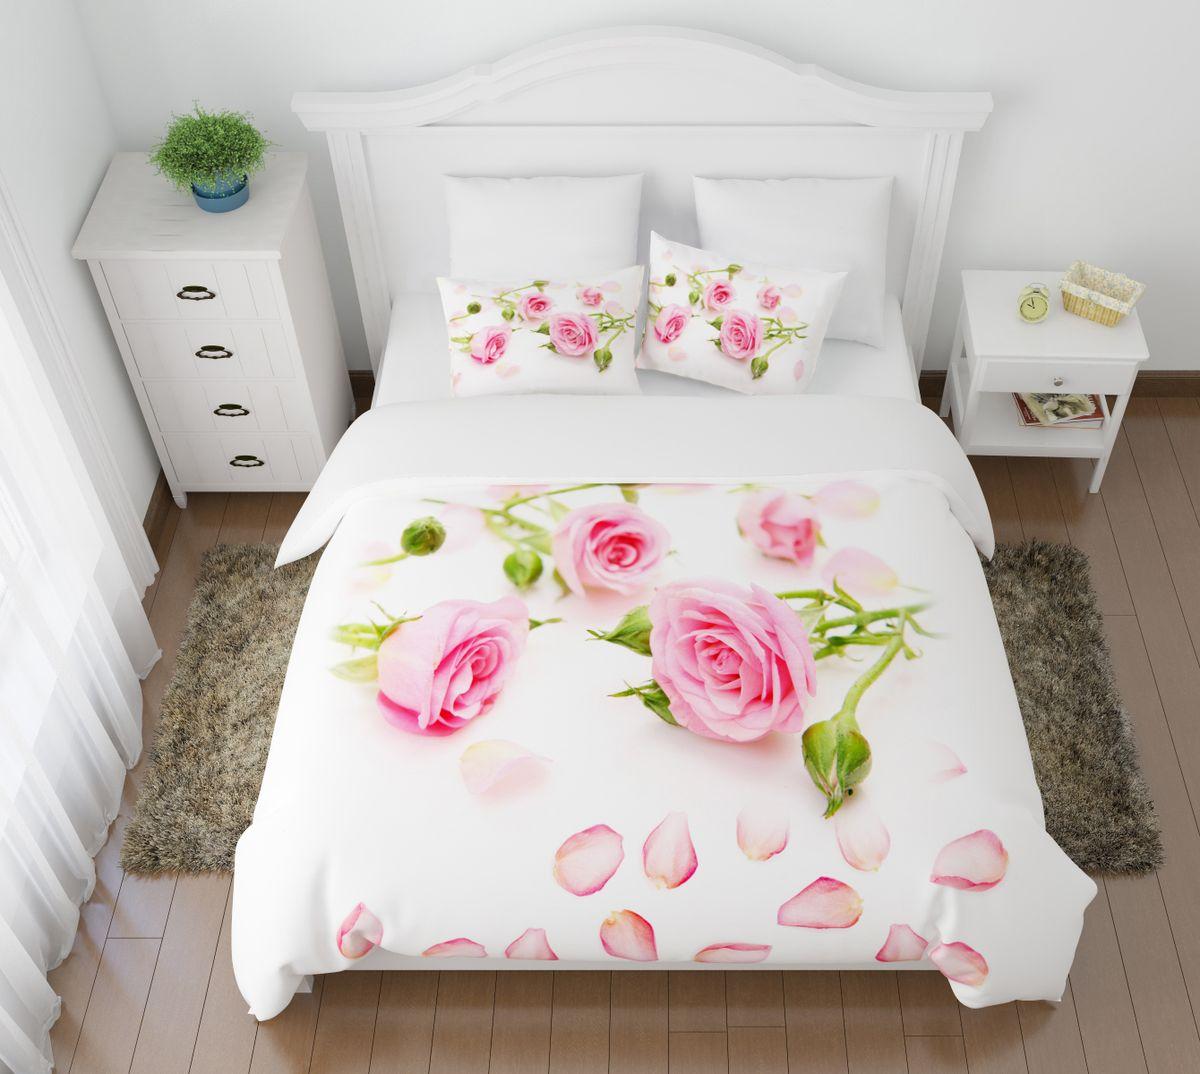 Комплект белья Сирень Лепестки роз, семейный, наволочки 50х70, 70х7010503Комплект постельного белья Сирень выполнен из прочной и мягкой ткани. Четкий и стильный рисунок в сочетании с насыщенными красками делают комплект постельного белья неповторимой изюминкой любого интерьера. Постельное белье идеально подойдет для подарка. Идеальное соотношение смешенной ткани и гипоаллергенных красок это гарантия здорового, спокойного сна. Ткань хорошо впитывает влагу, надолго сохраняет яркость красок. Цвет простыни, пододеяльника, наволочки в комплектации может немного отличаться от представленного на фото. В комплект входят: простыня - 220 х 240 см; пододельяник 145 х 210 см 2 шт; наволочка 50 х 70 см 2 шт, 70 х 70 см 2 шт.Постельное белье легко стирать при 30-40 градусах, гладить при 150 градусах, не отбеливать. Рекомендуется перед первым изпользованием постирать.